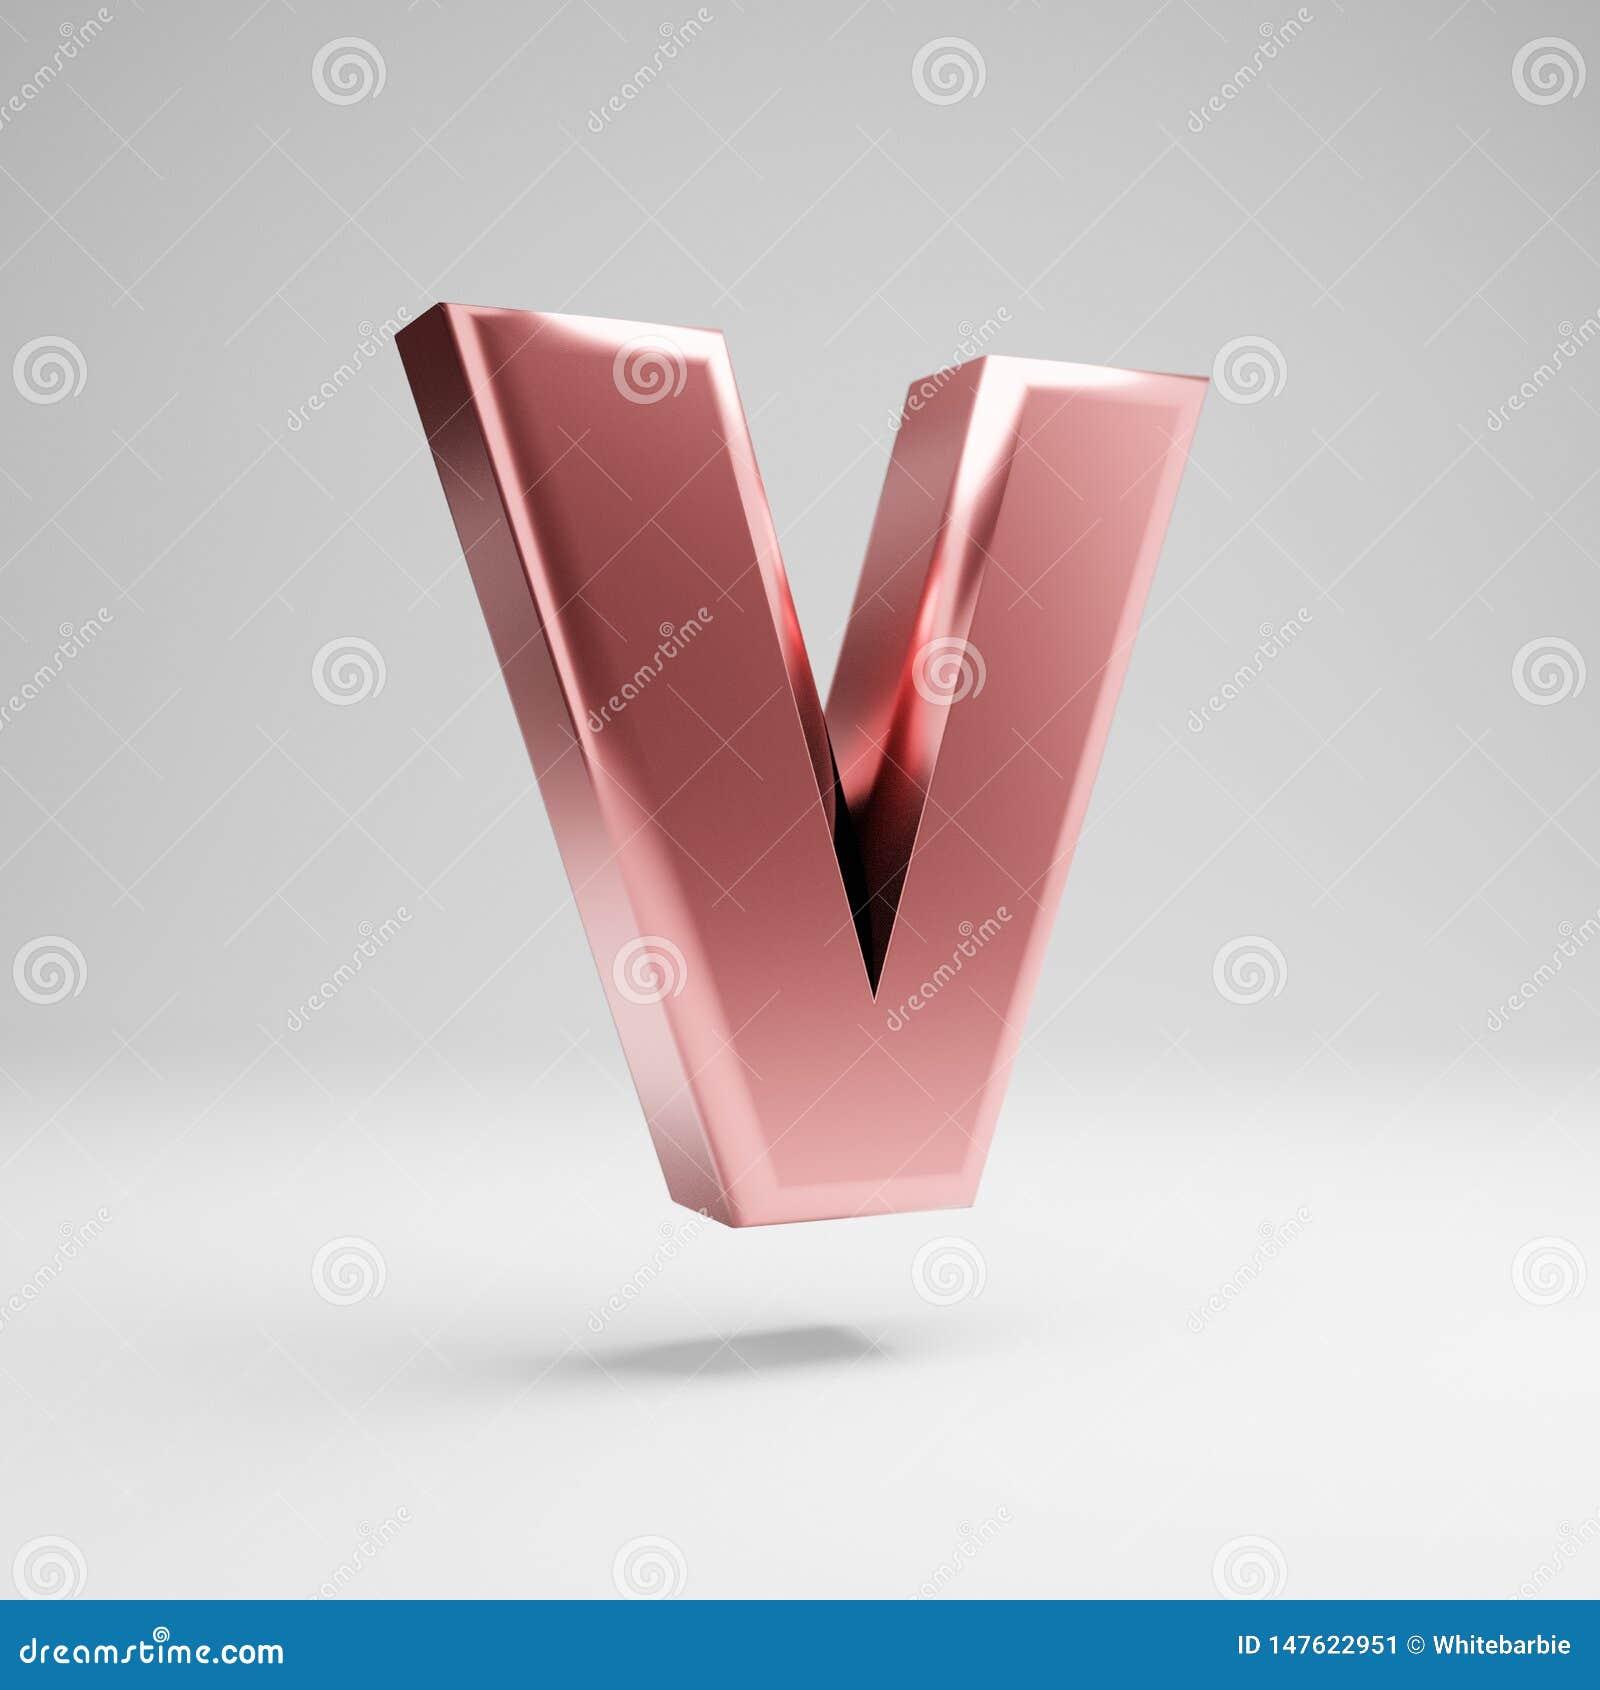 Volumetric glossy Rose Gold uppercase letter V isolated on white background